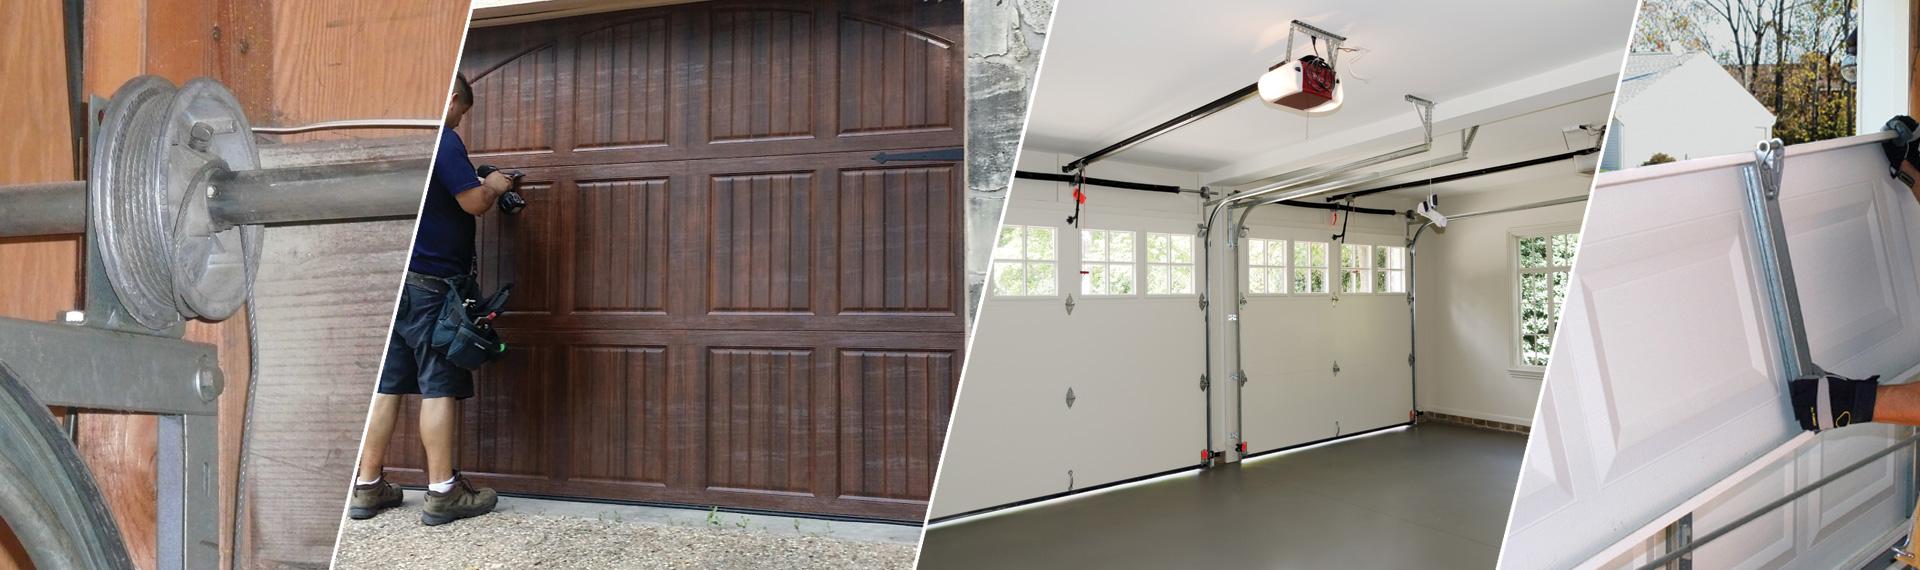 All Garage Door Services Voorhees Township NJ